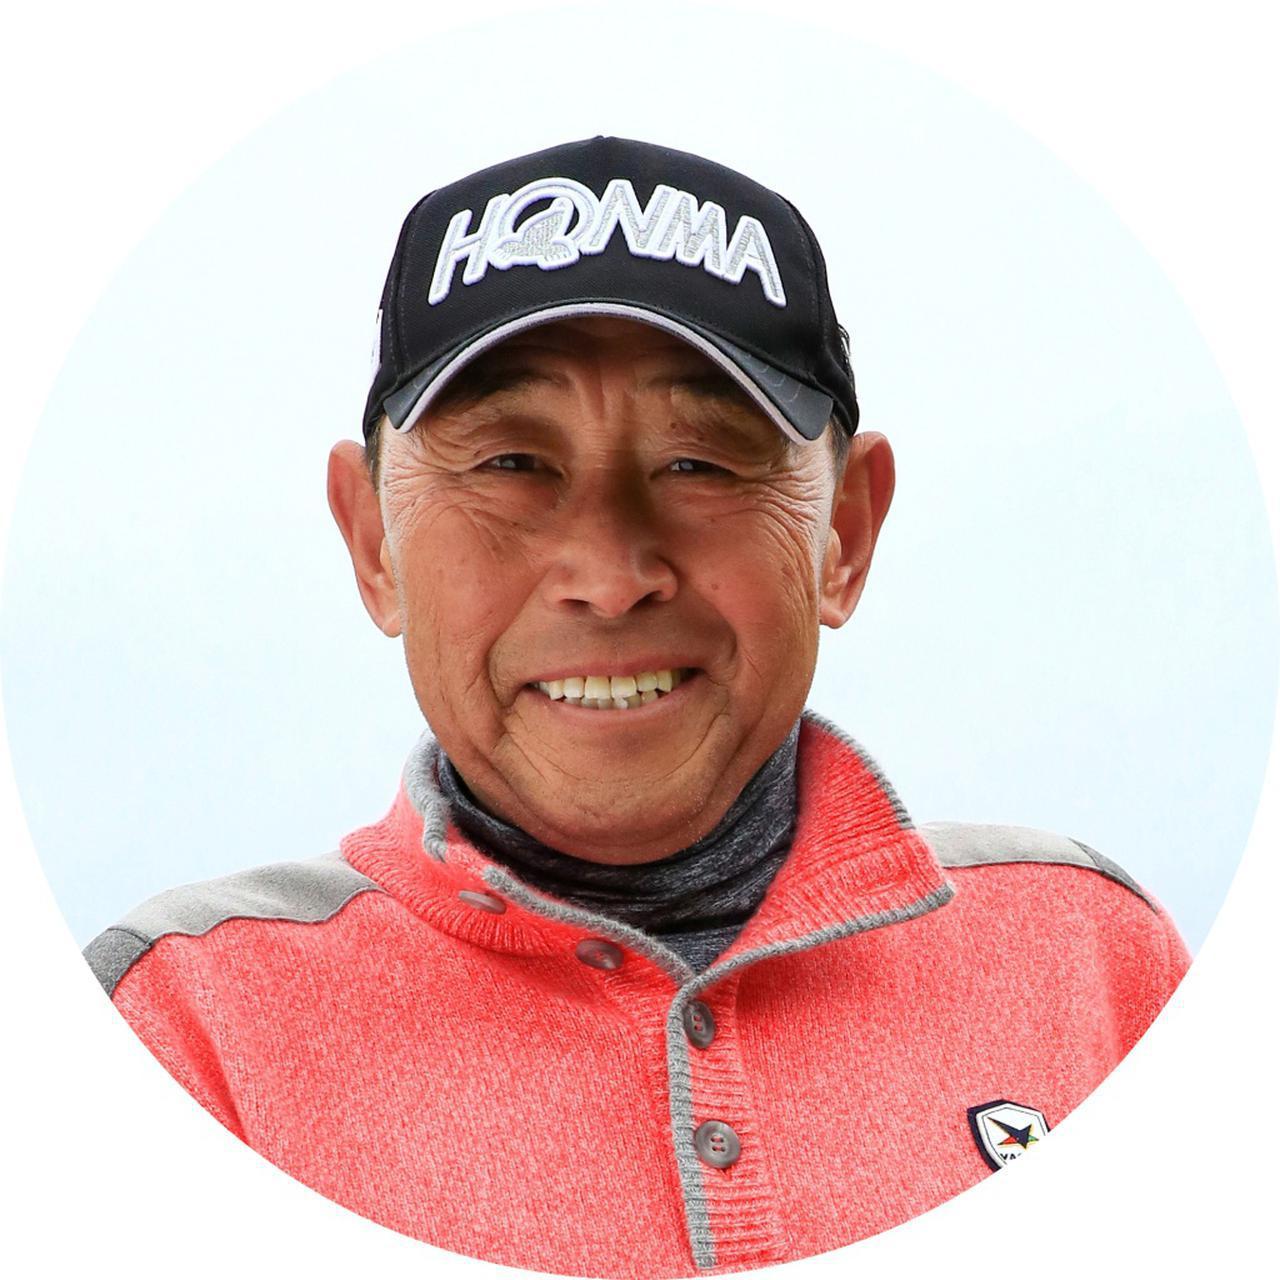 画像: 【解説】高橋勝成 1950年生まれ、北海道出身。15年連続シード保持、日本プロマッチプレー2度制覇。シニア賞金王は2000年から3年連続獲得